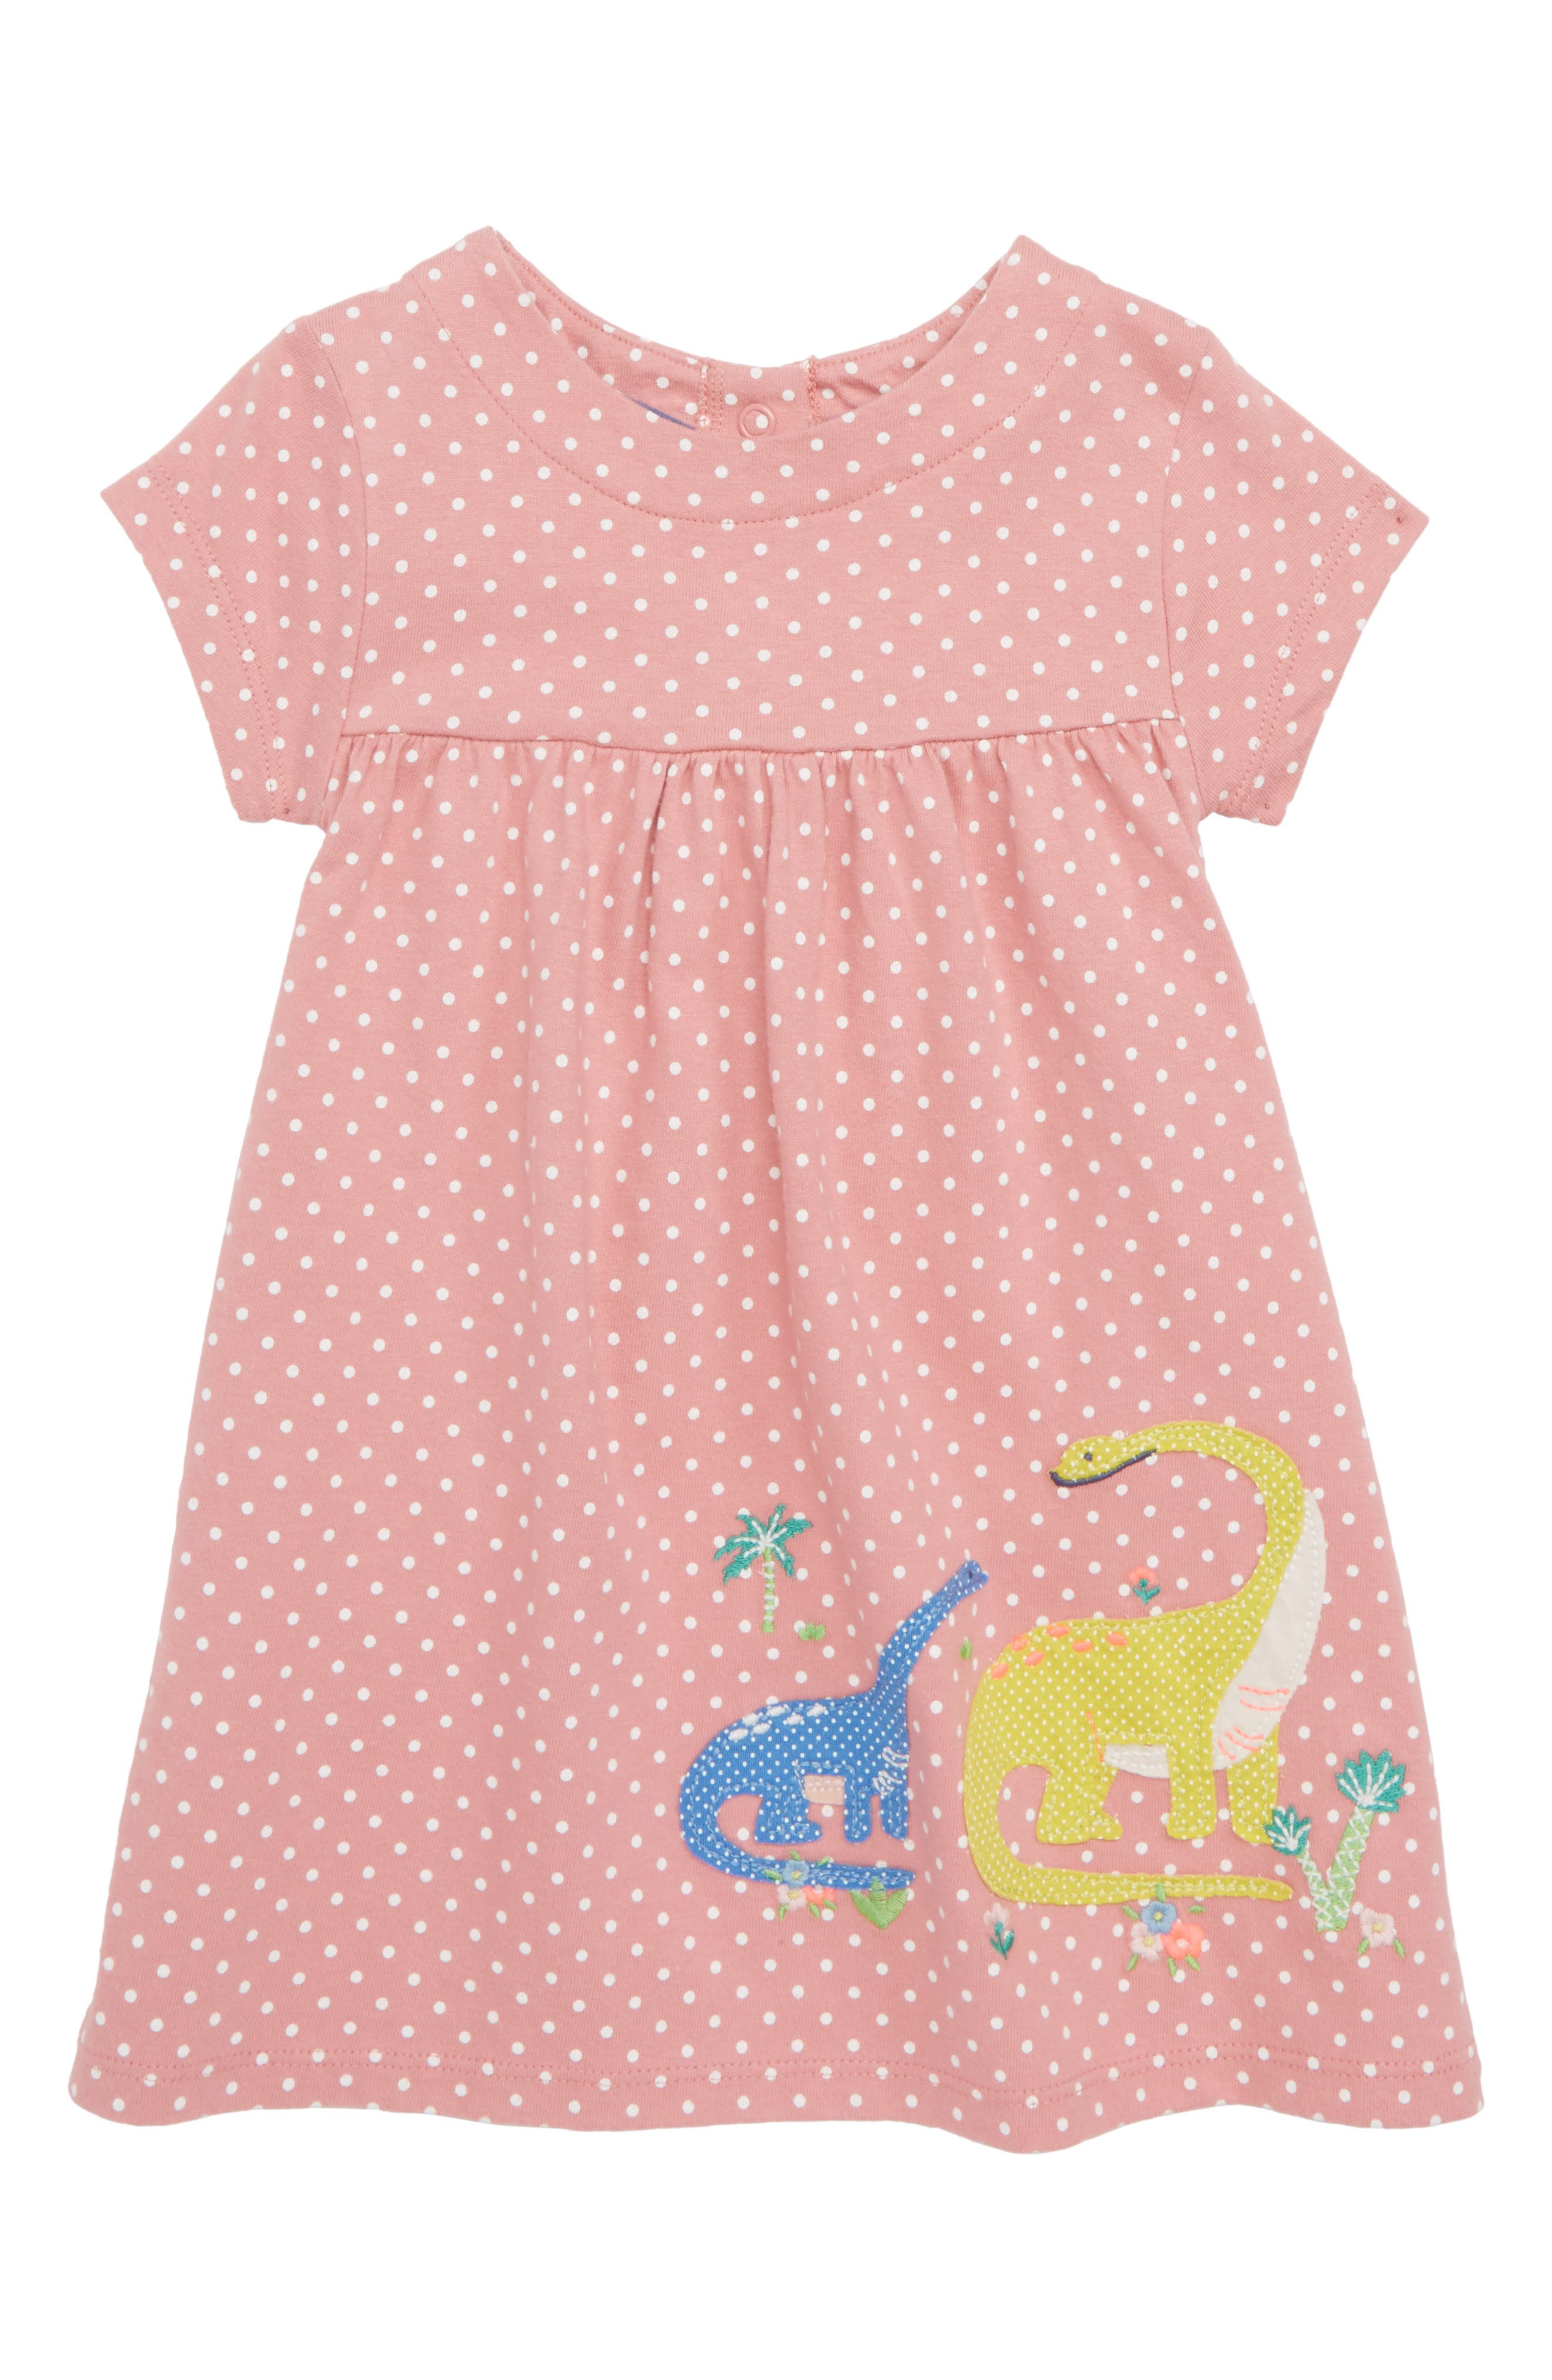 Dinosaur Appliqué Jersey Dress,                             Main thumbnail 1, color,                             664